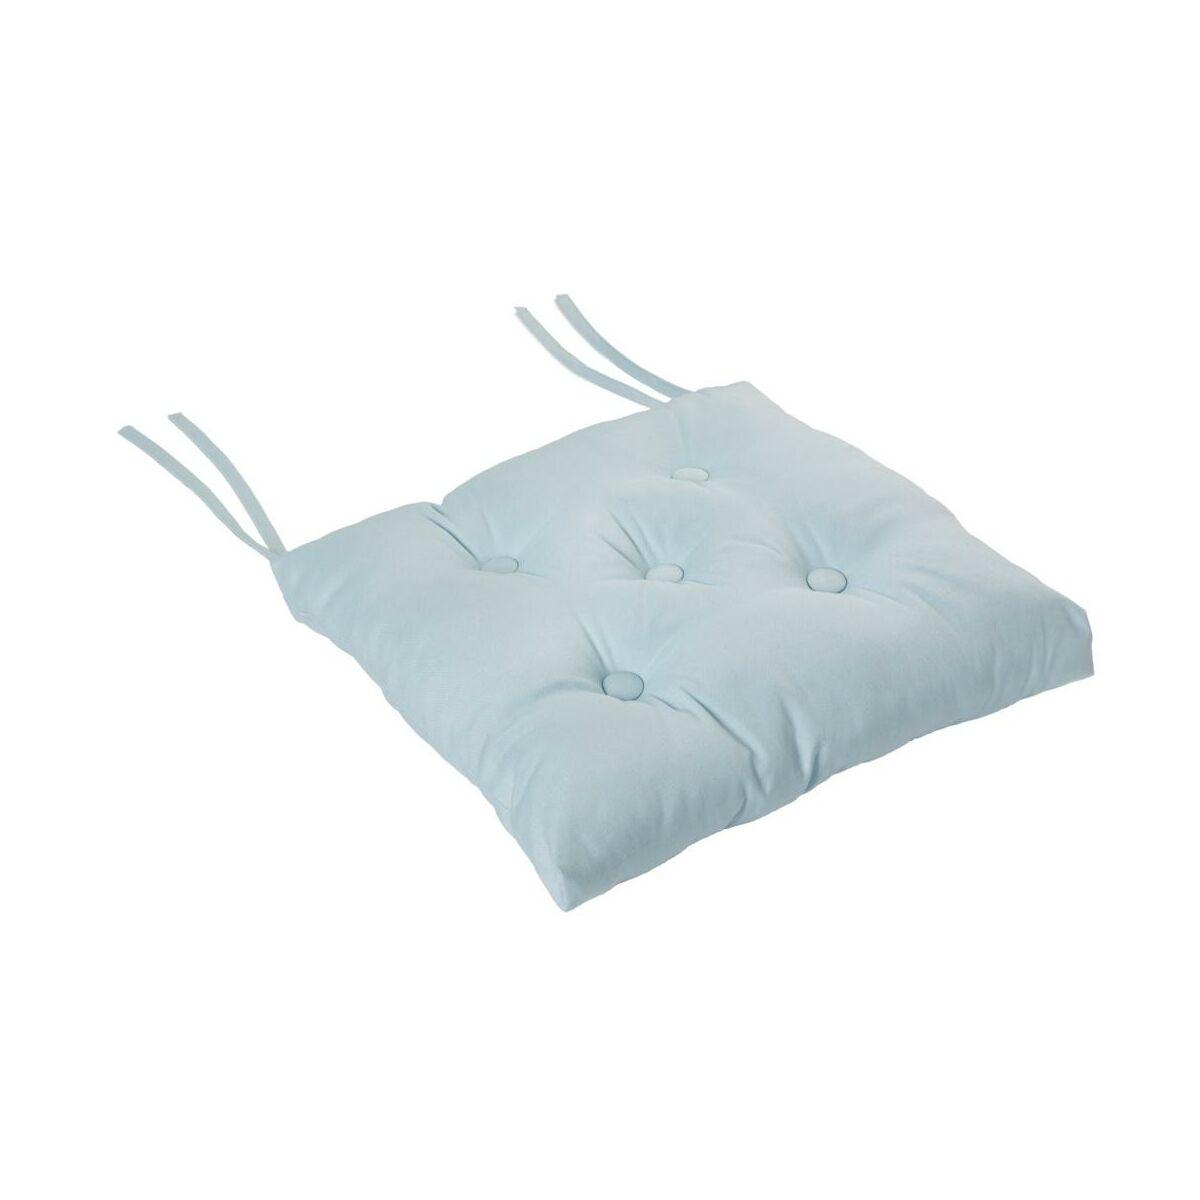 Poduszka Na Krzeslo Elema Blekitna 40 X 40 X 8 Cm Inspire Siedziska I Zaglowki W Atrakcyjnej Cenie W Sklepach Leroy Merlin